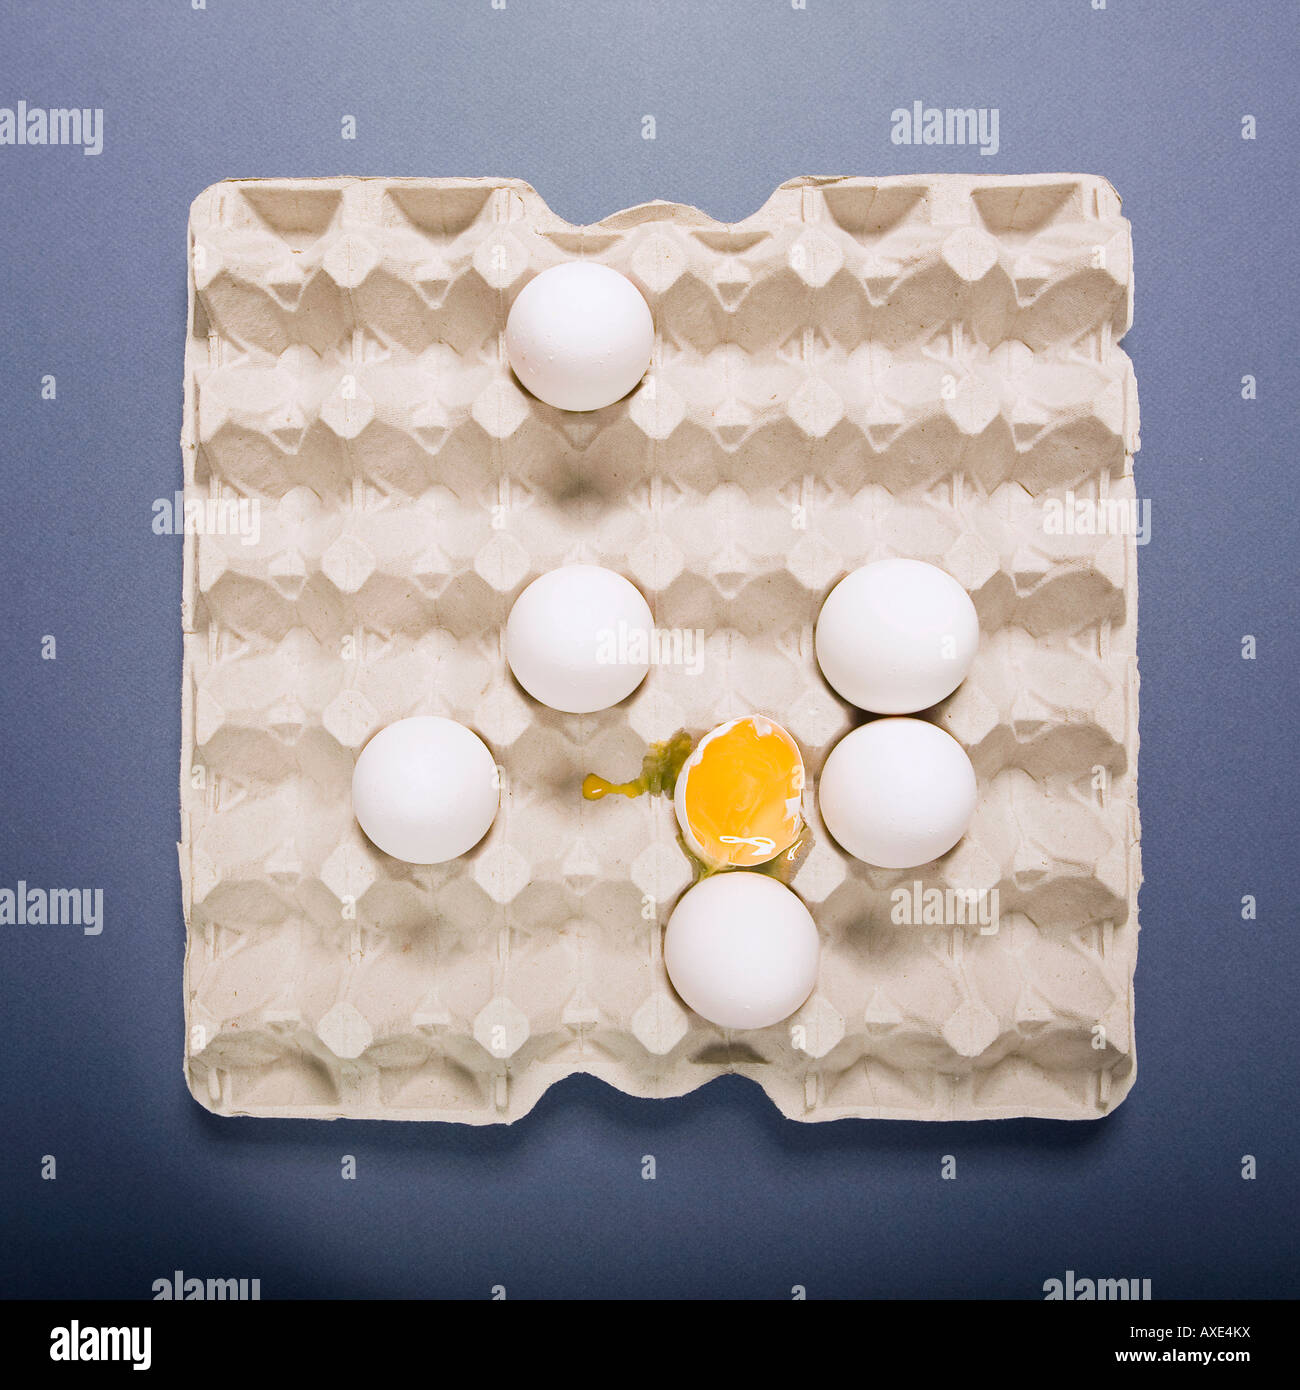 Les œufs et le jaune, elaveted view Photo Stock